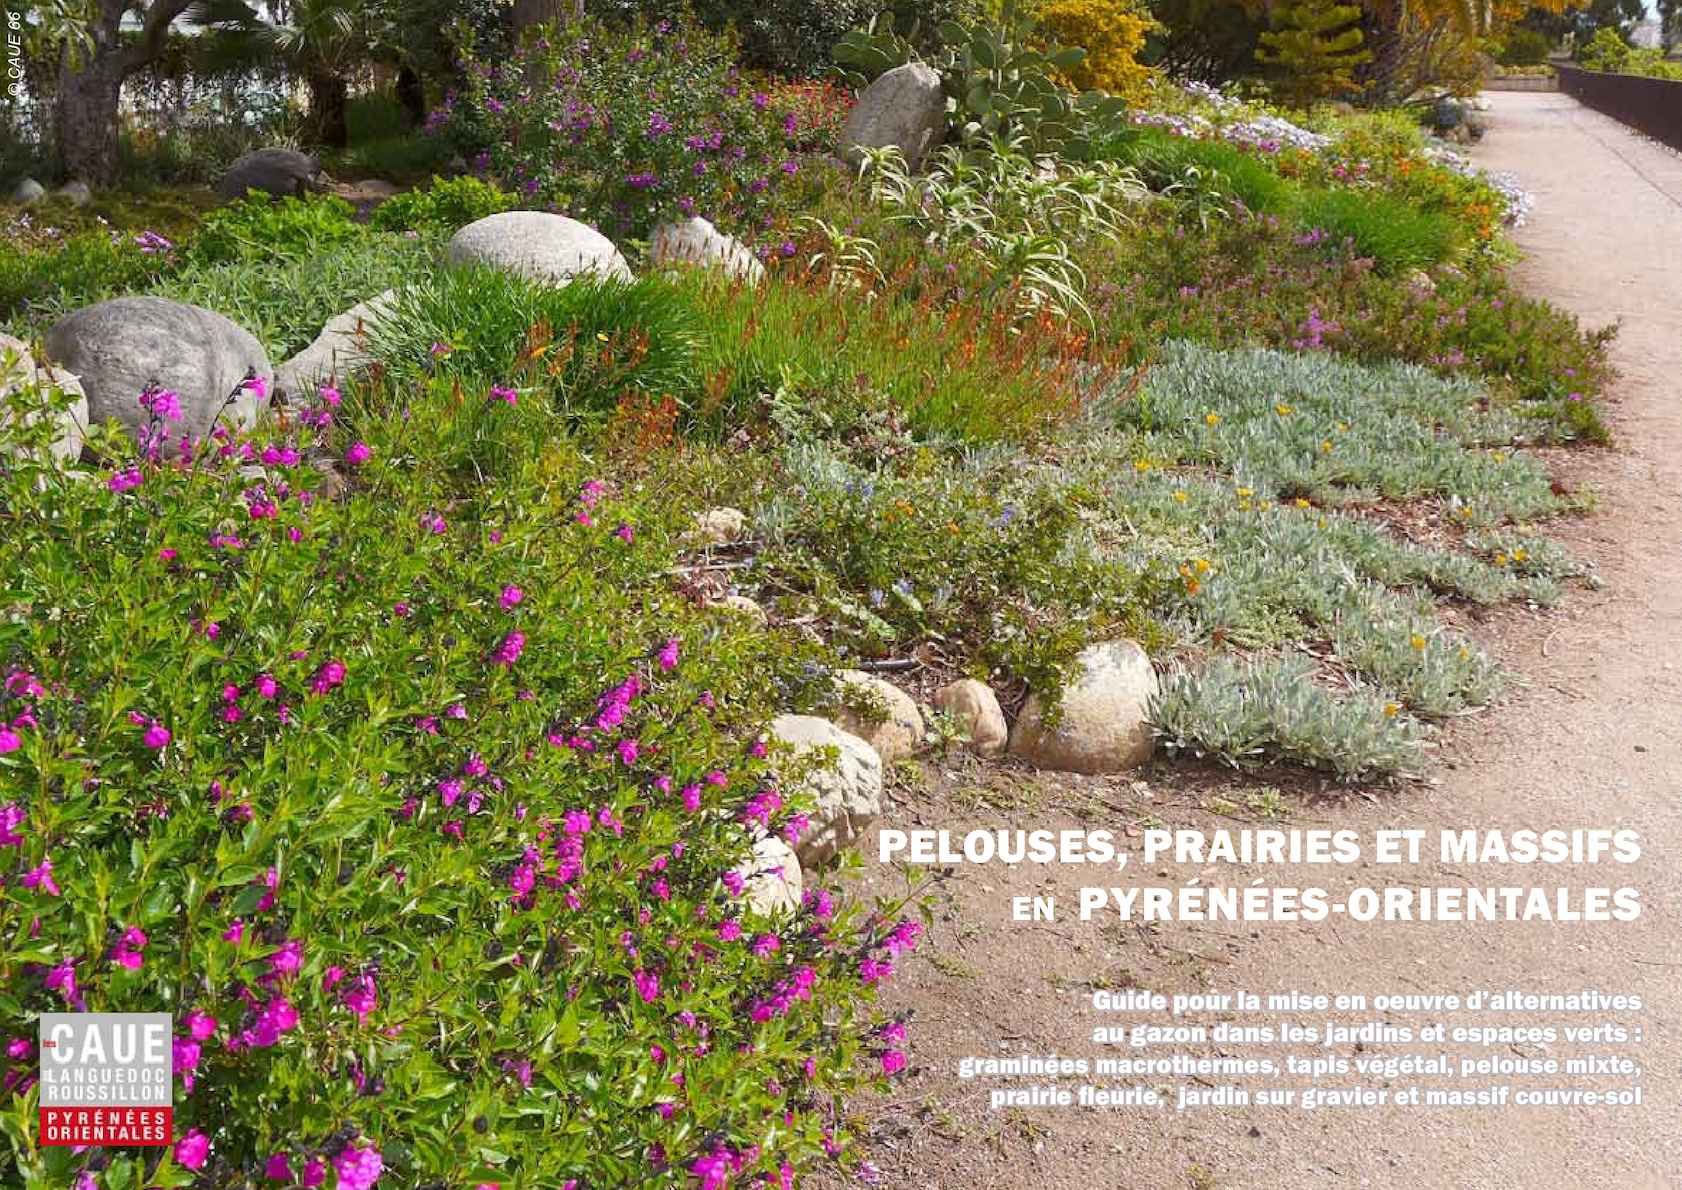 calam o guide pour la mise en oeuvre d 39 alternatives au gazon dans les jardins et les espaces verts. Black Bedroom Furniture Sets. Home Design Ideas